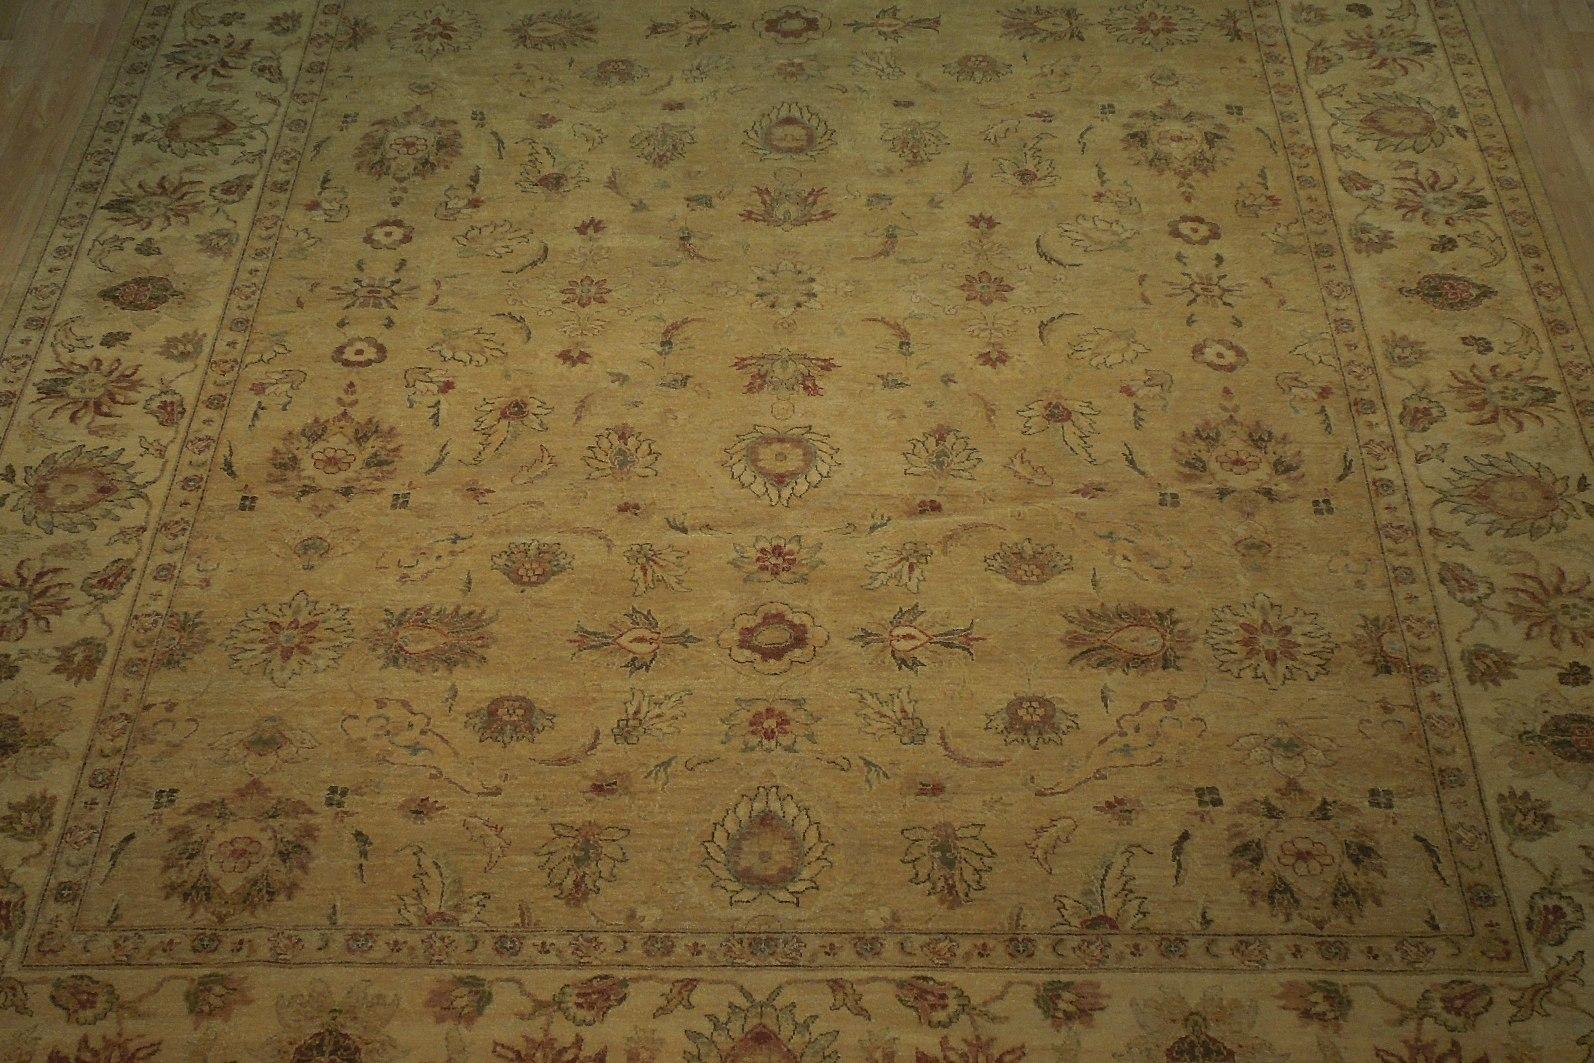 Honey Gold Wool Carpet 9' x 12' New Original Ziglar Oushak Hand-Knotted Rug image 12